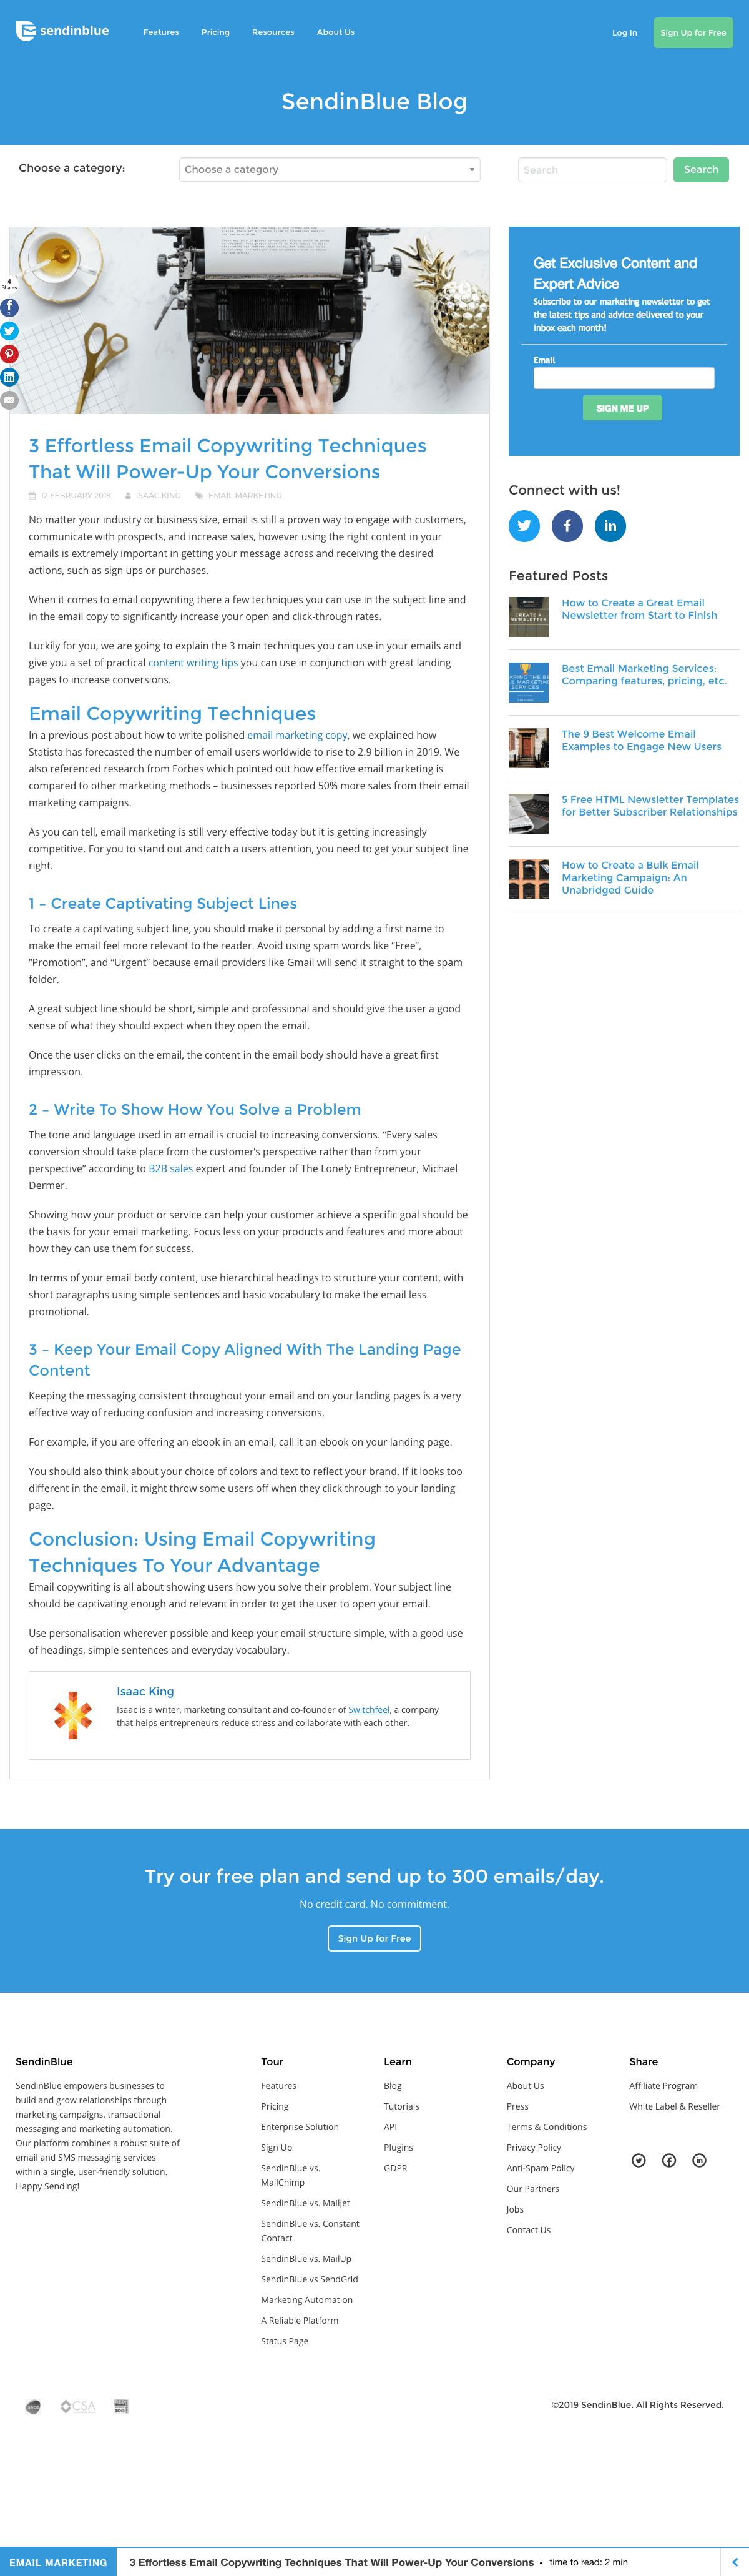 Blog article - SendinBlue